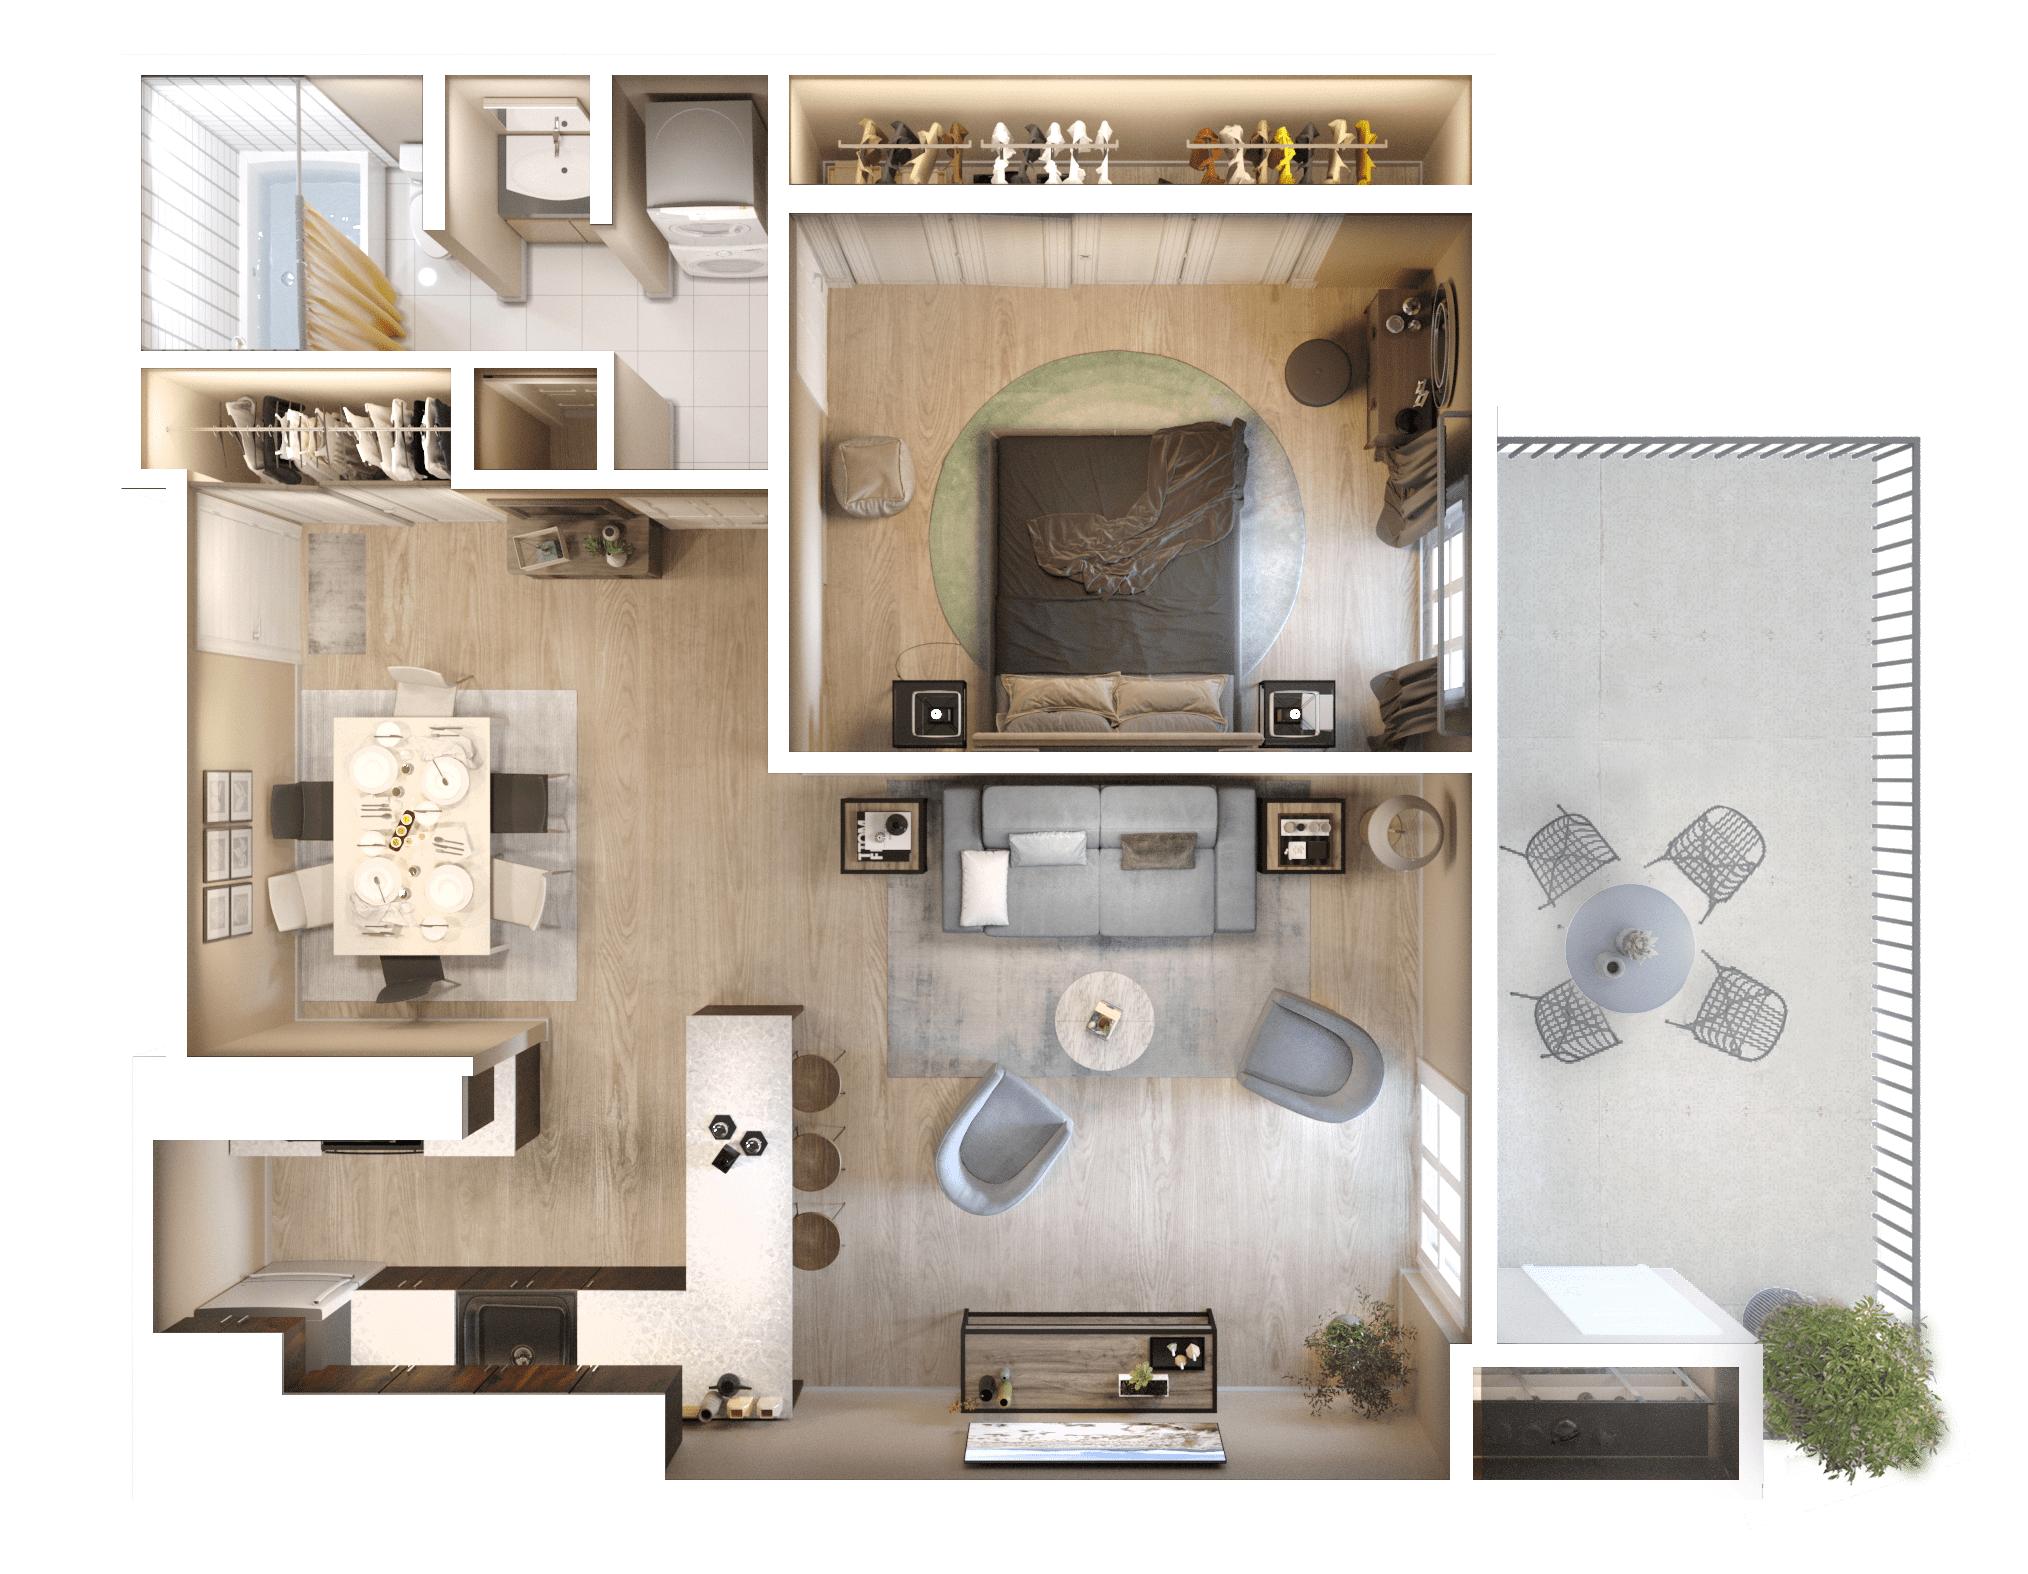 3D Floor Plan - 1 Bedroom